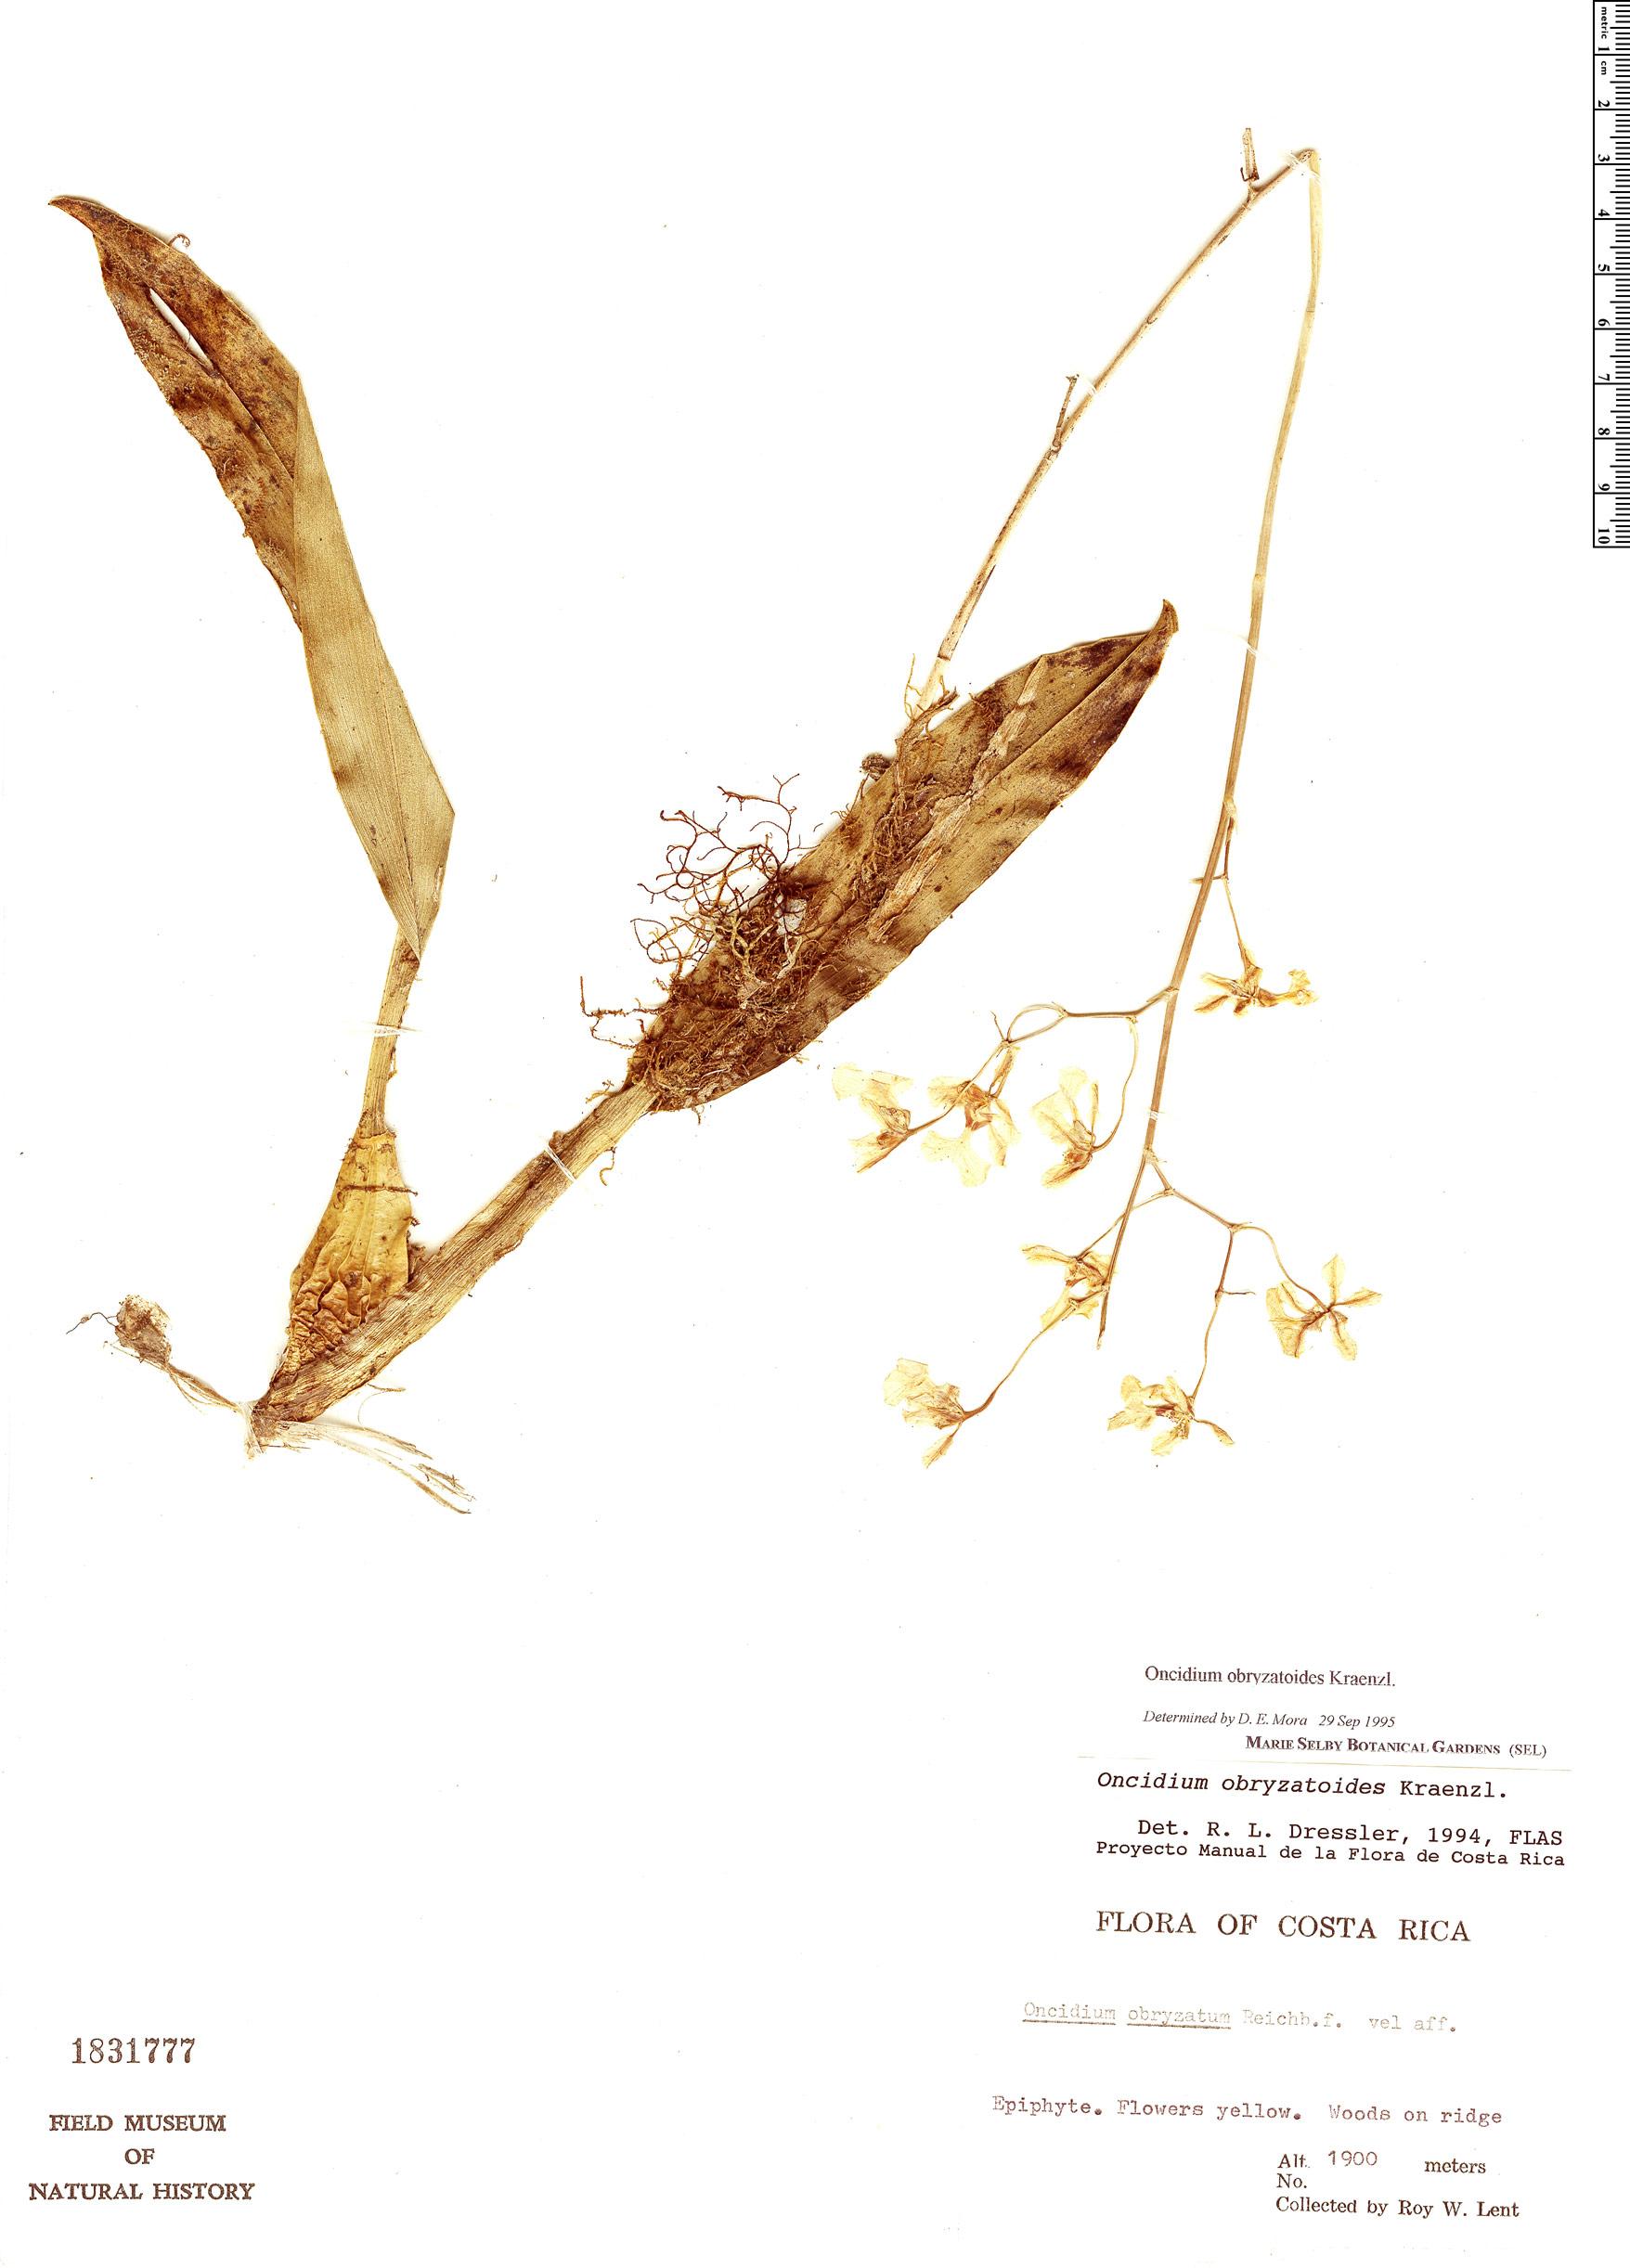 Specimen: Oncidium obryzatoides